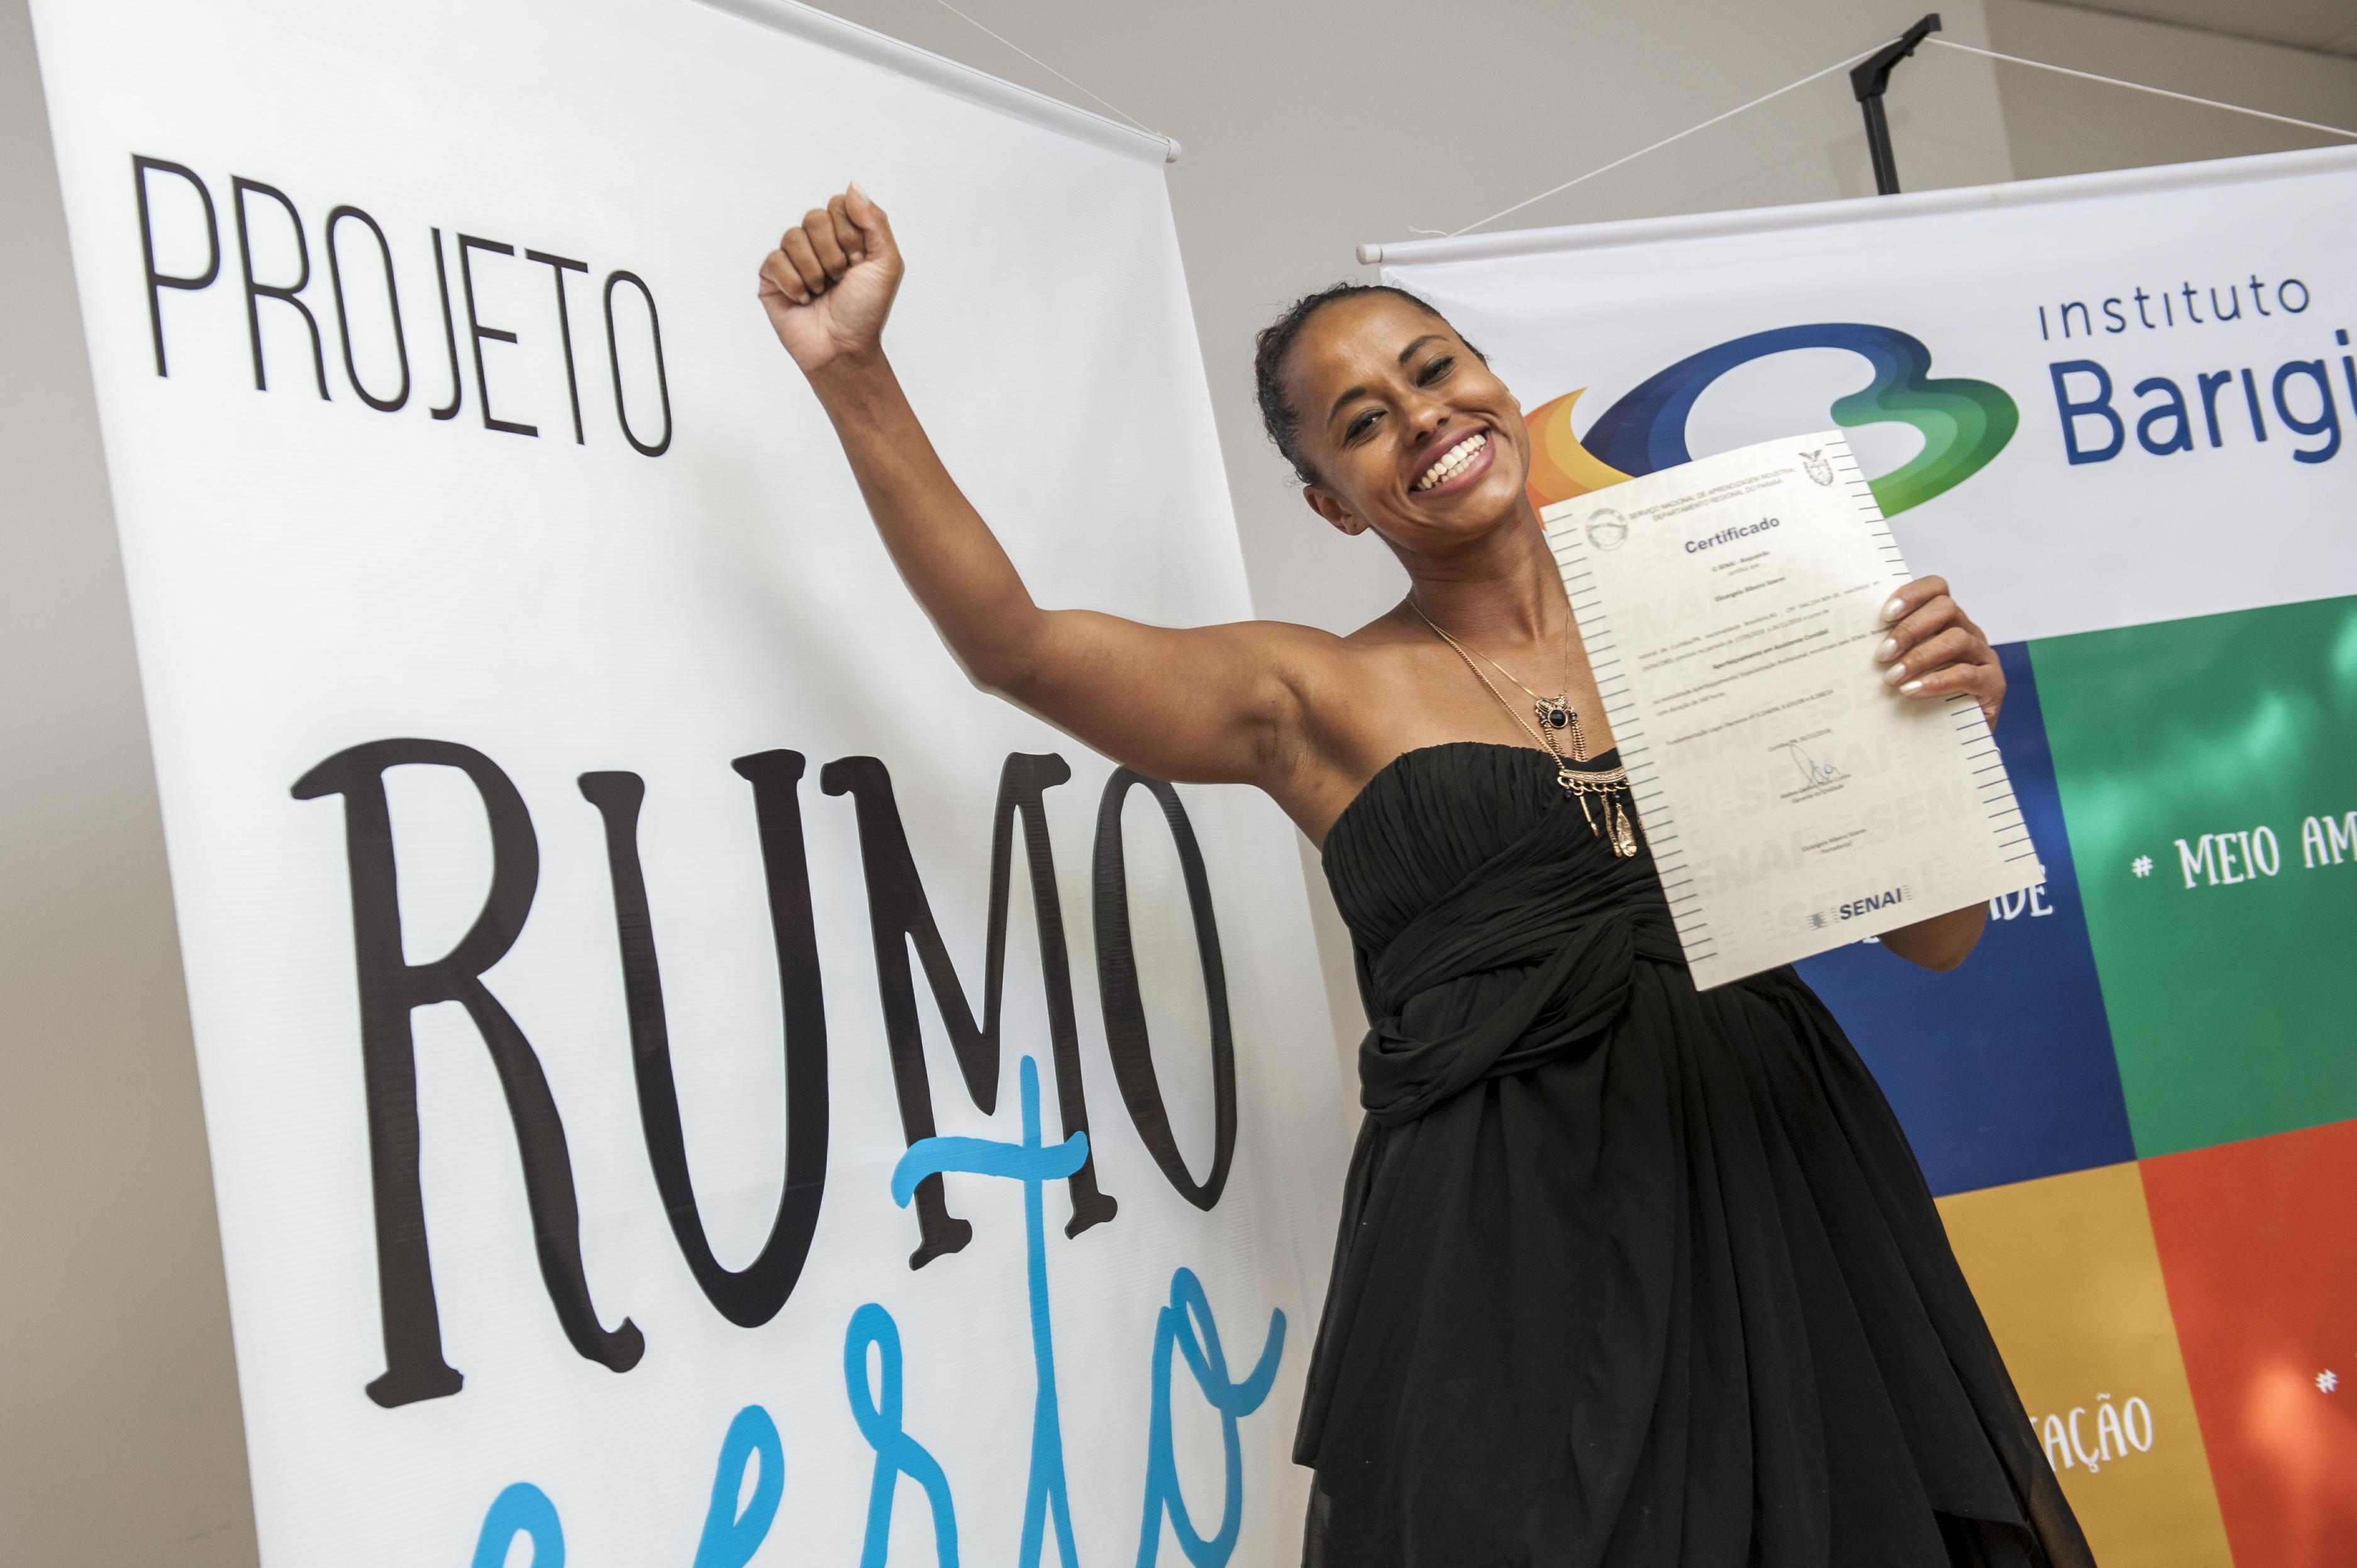 Destaque | Instituto Barigui